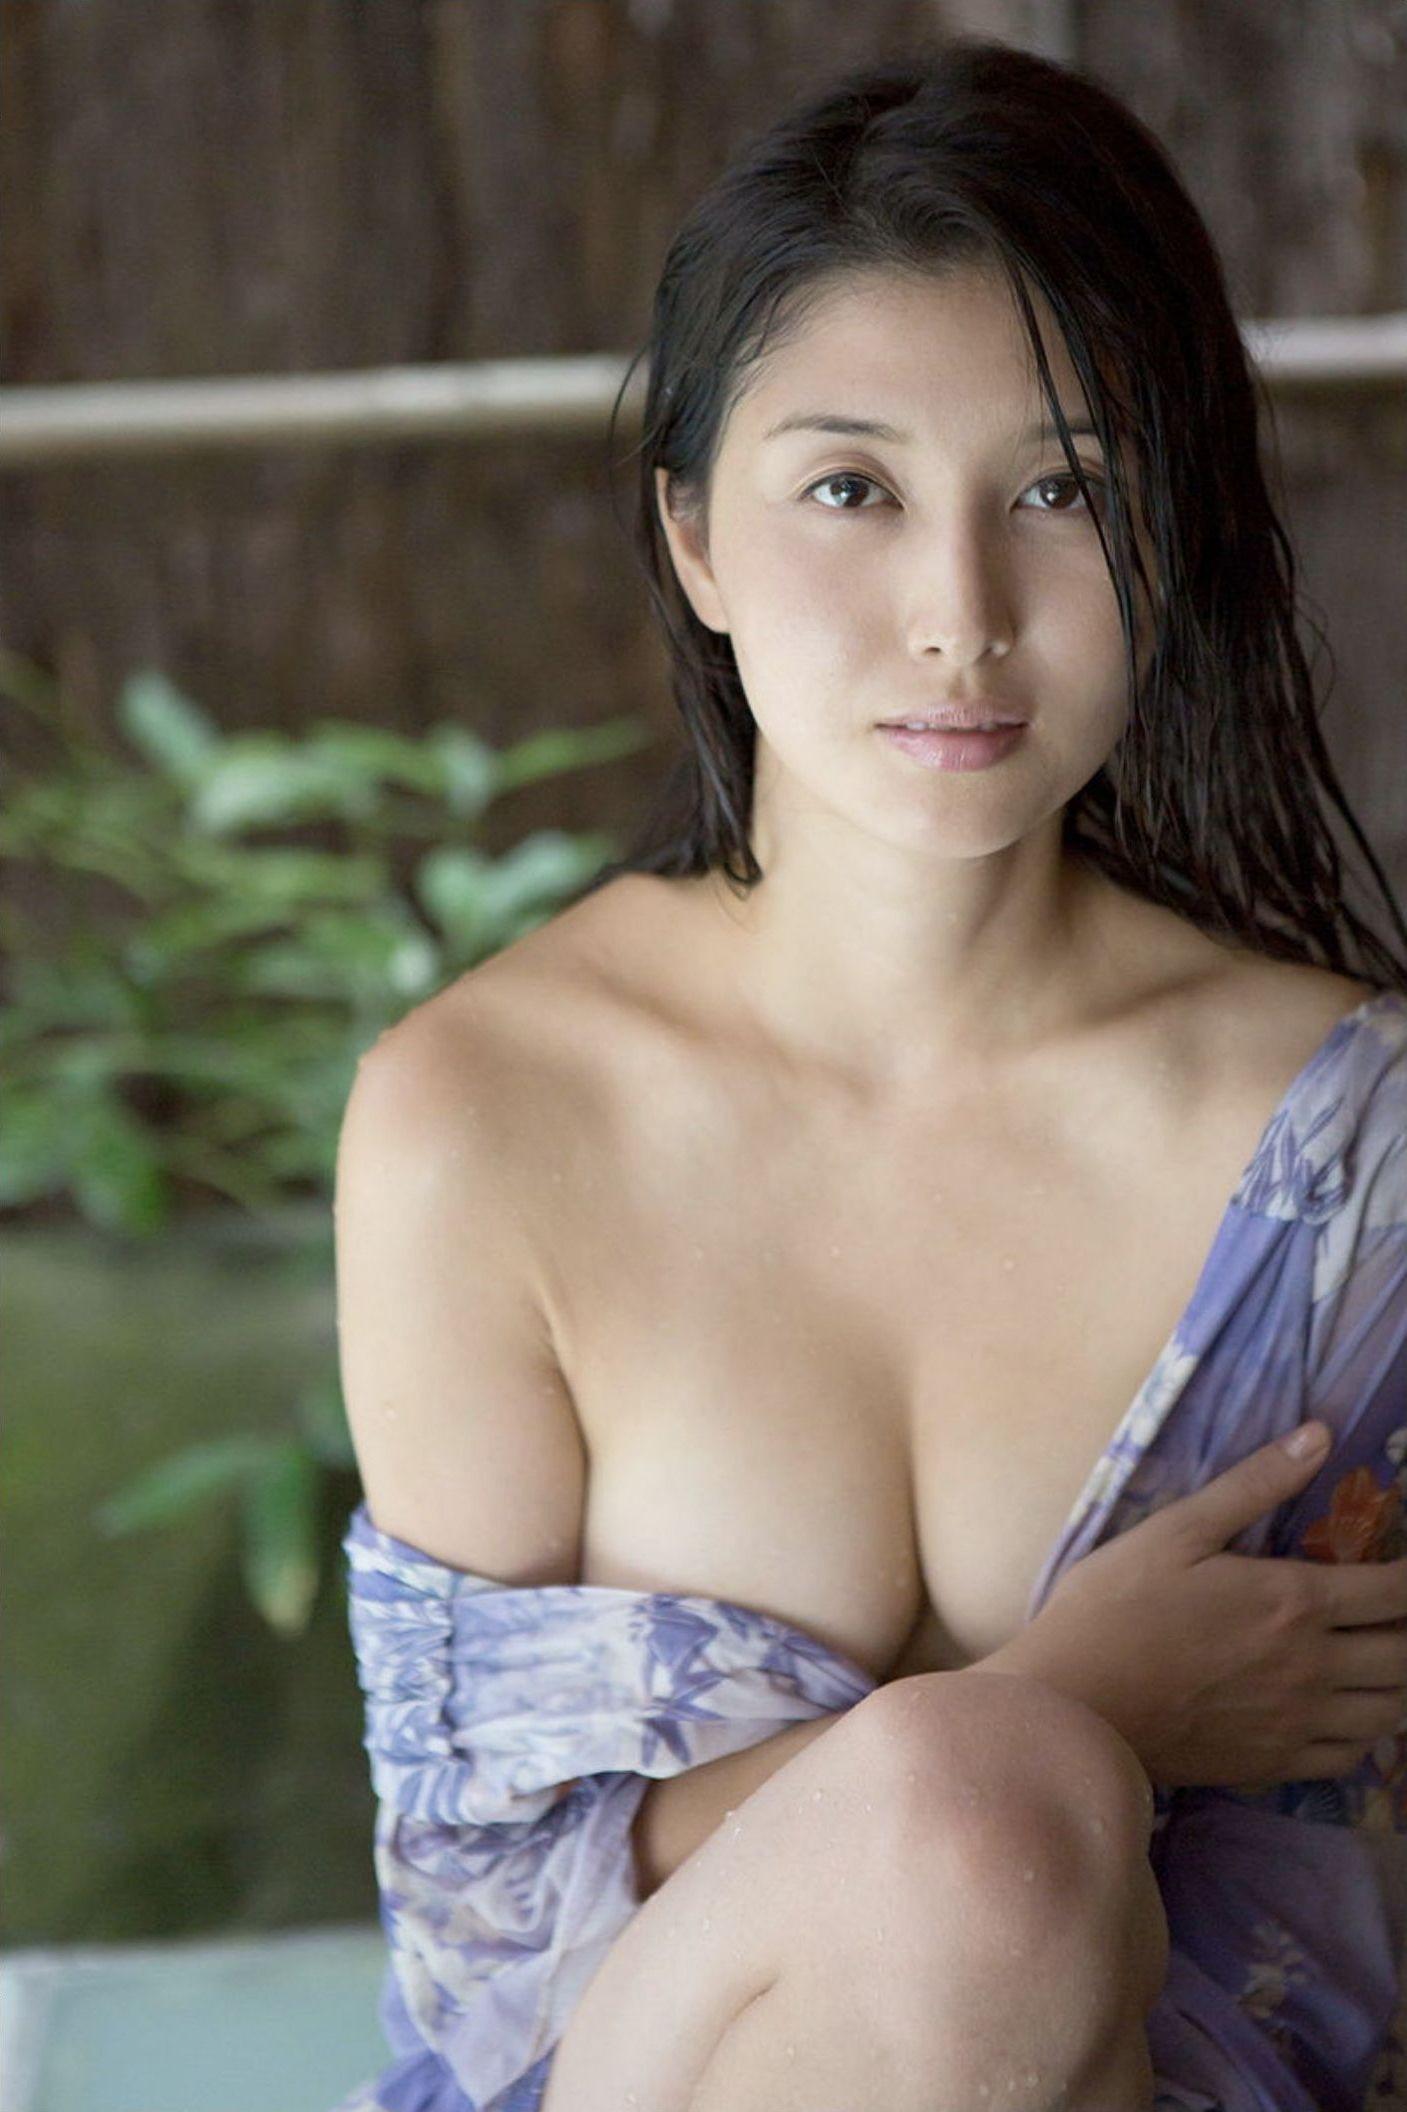 『愛の記憶』橋本マナミ デジタル写真集 031